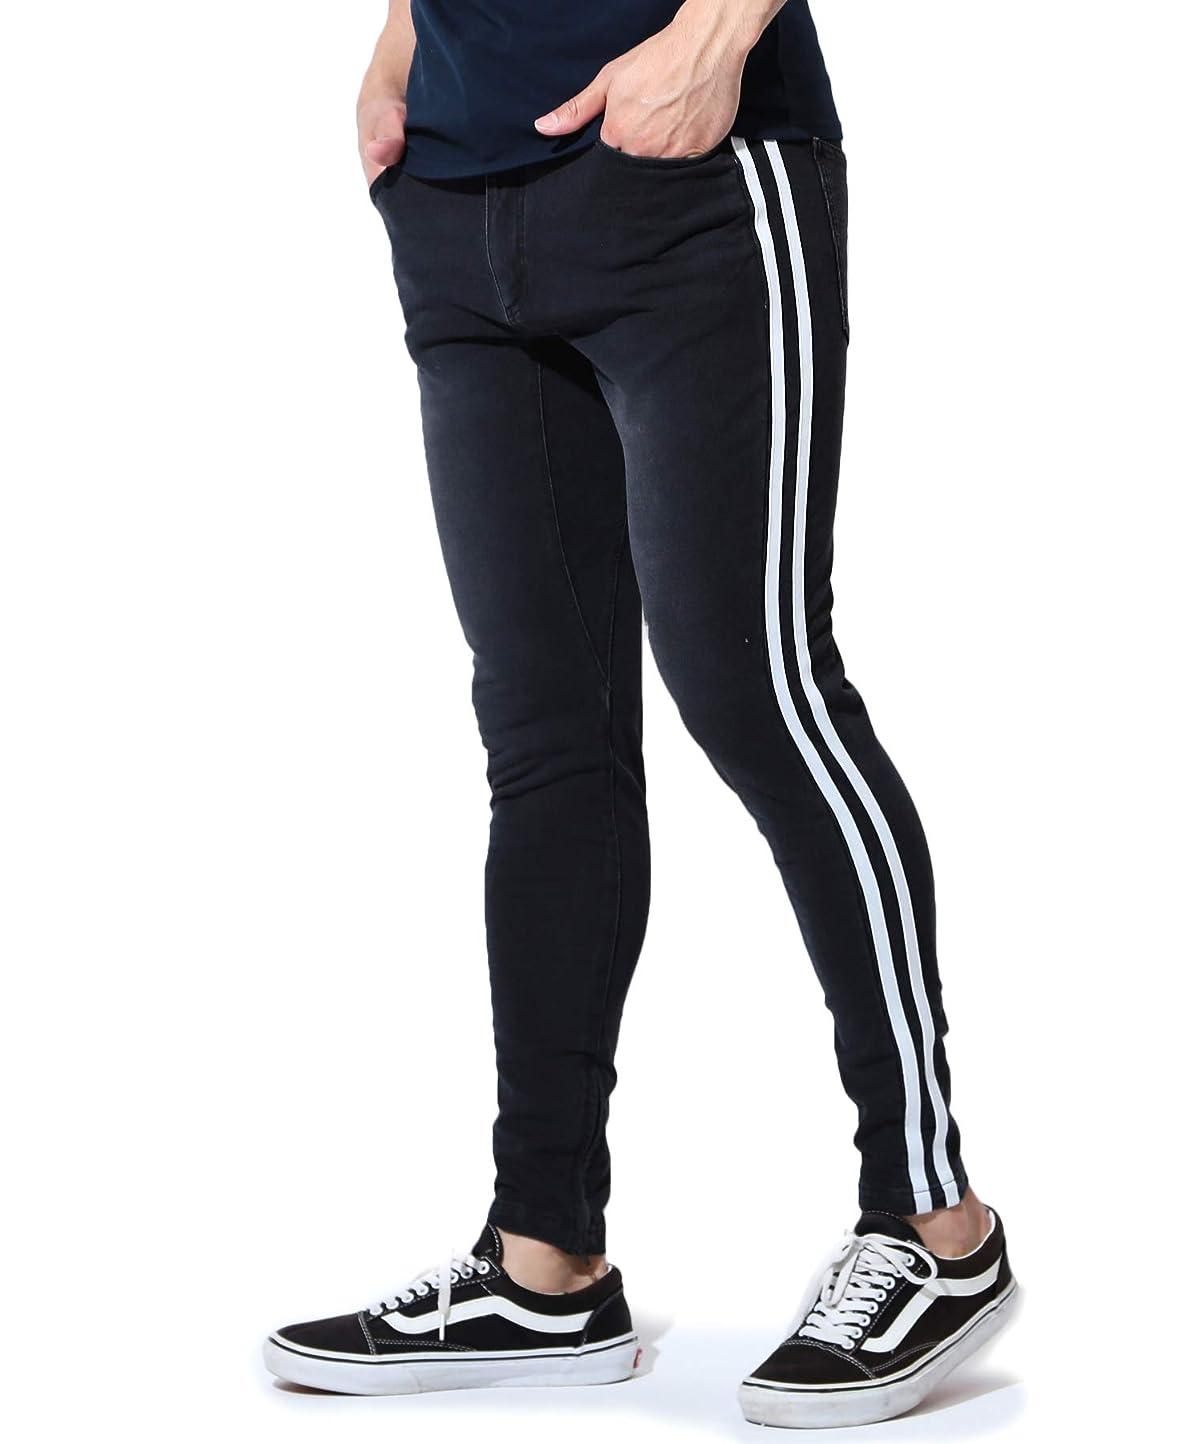 マカダムサポートコントローラJIGGYS SHOP スウェットデニムパンツ メンズ ジョガー パンツ 裾ジップ スリム 細身 スキニー サイドライン